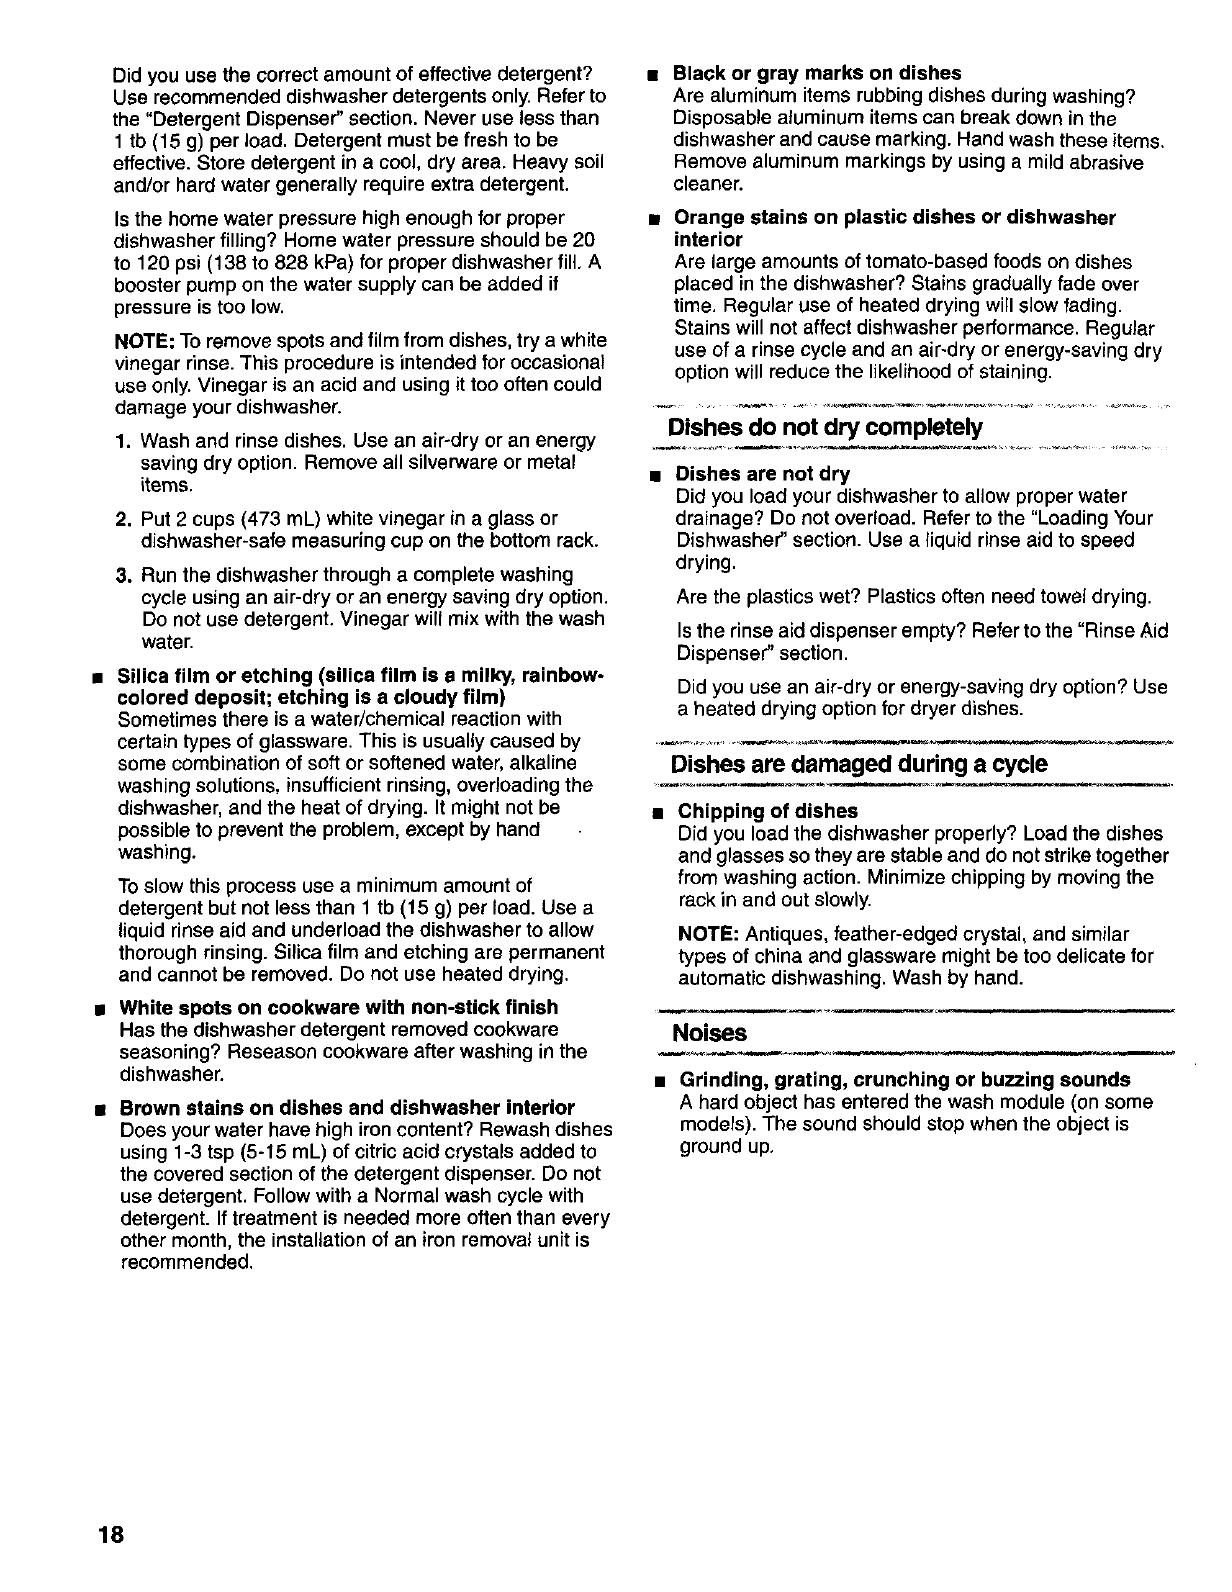 KITCHENAID Dishwasher Manual L9910116